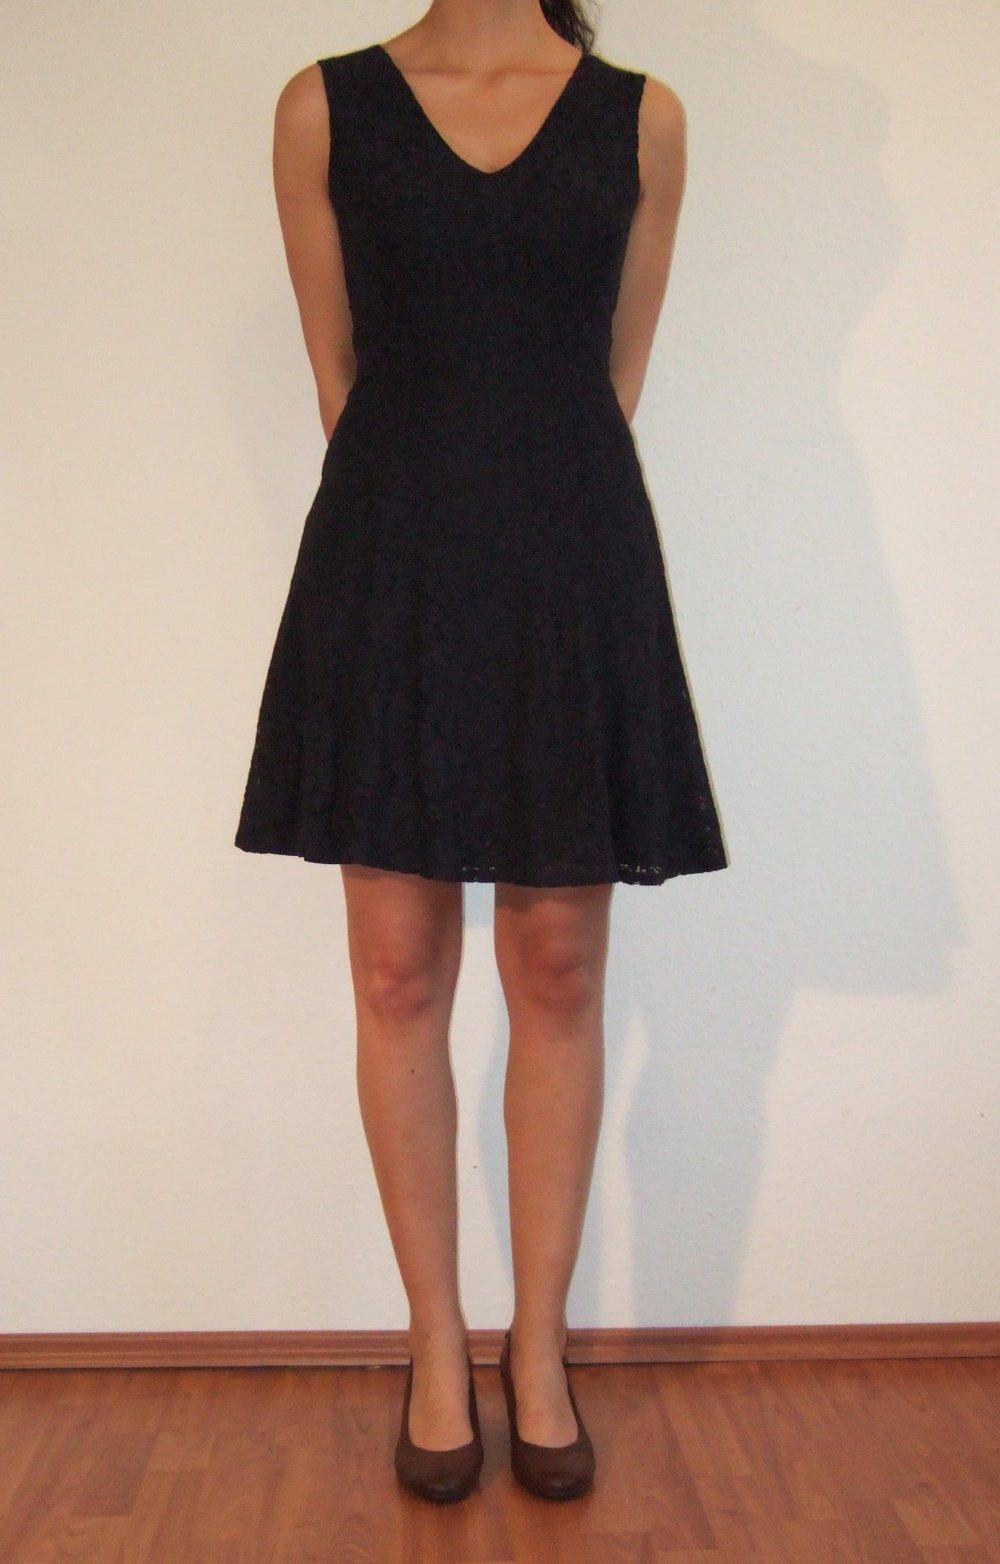 dunkelblaues Kleid aus Spitze, Esprit :: Kleiderkorb.de